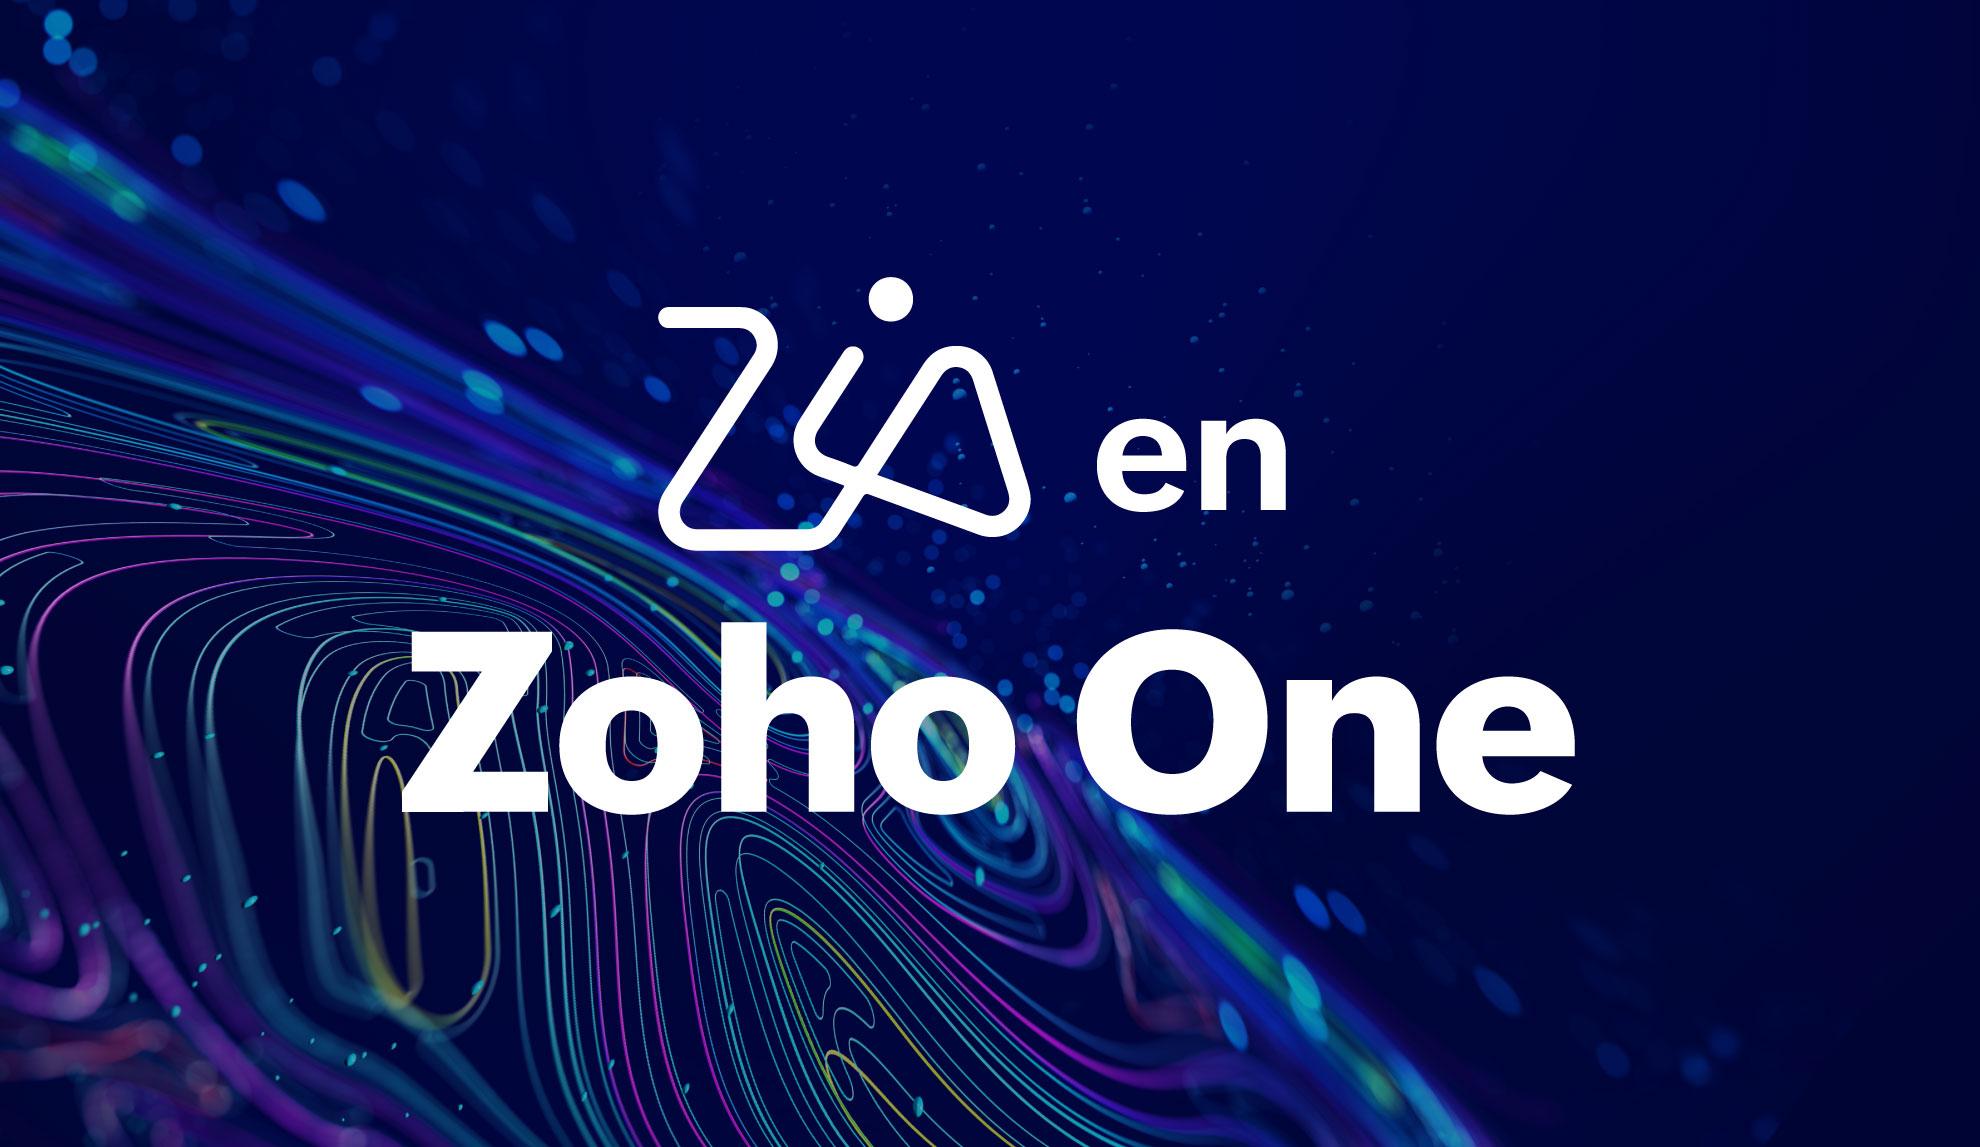 Descubra el poder de la inteligencia artificial en Zoho One